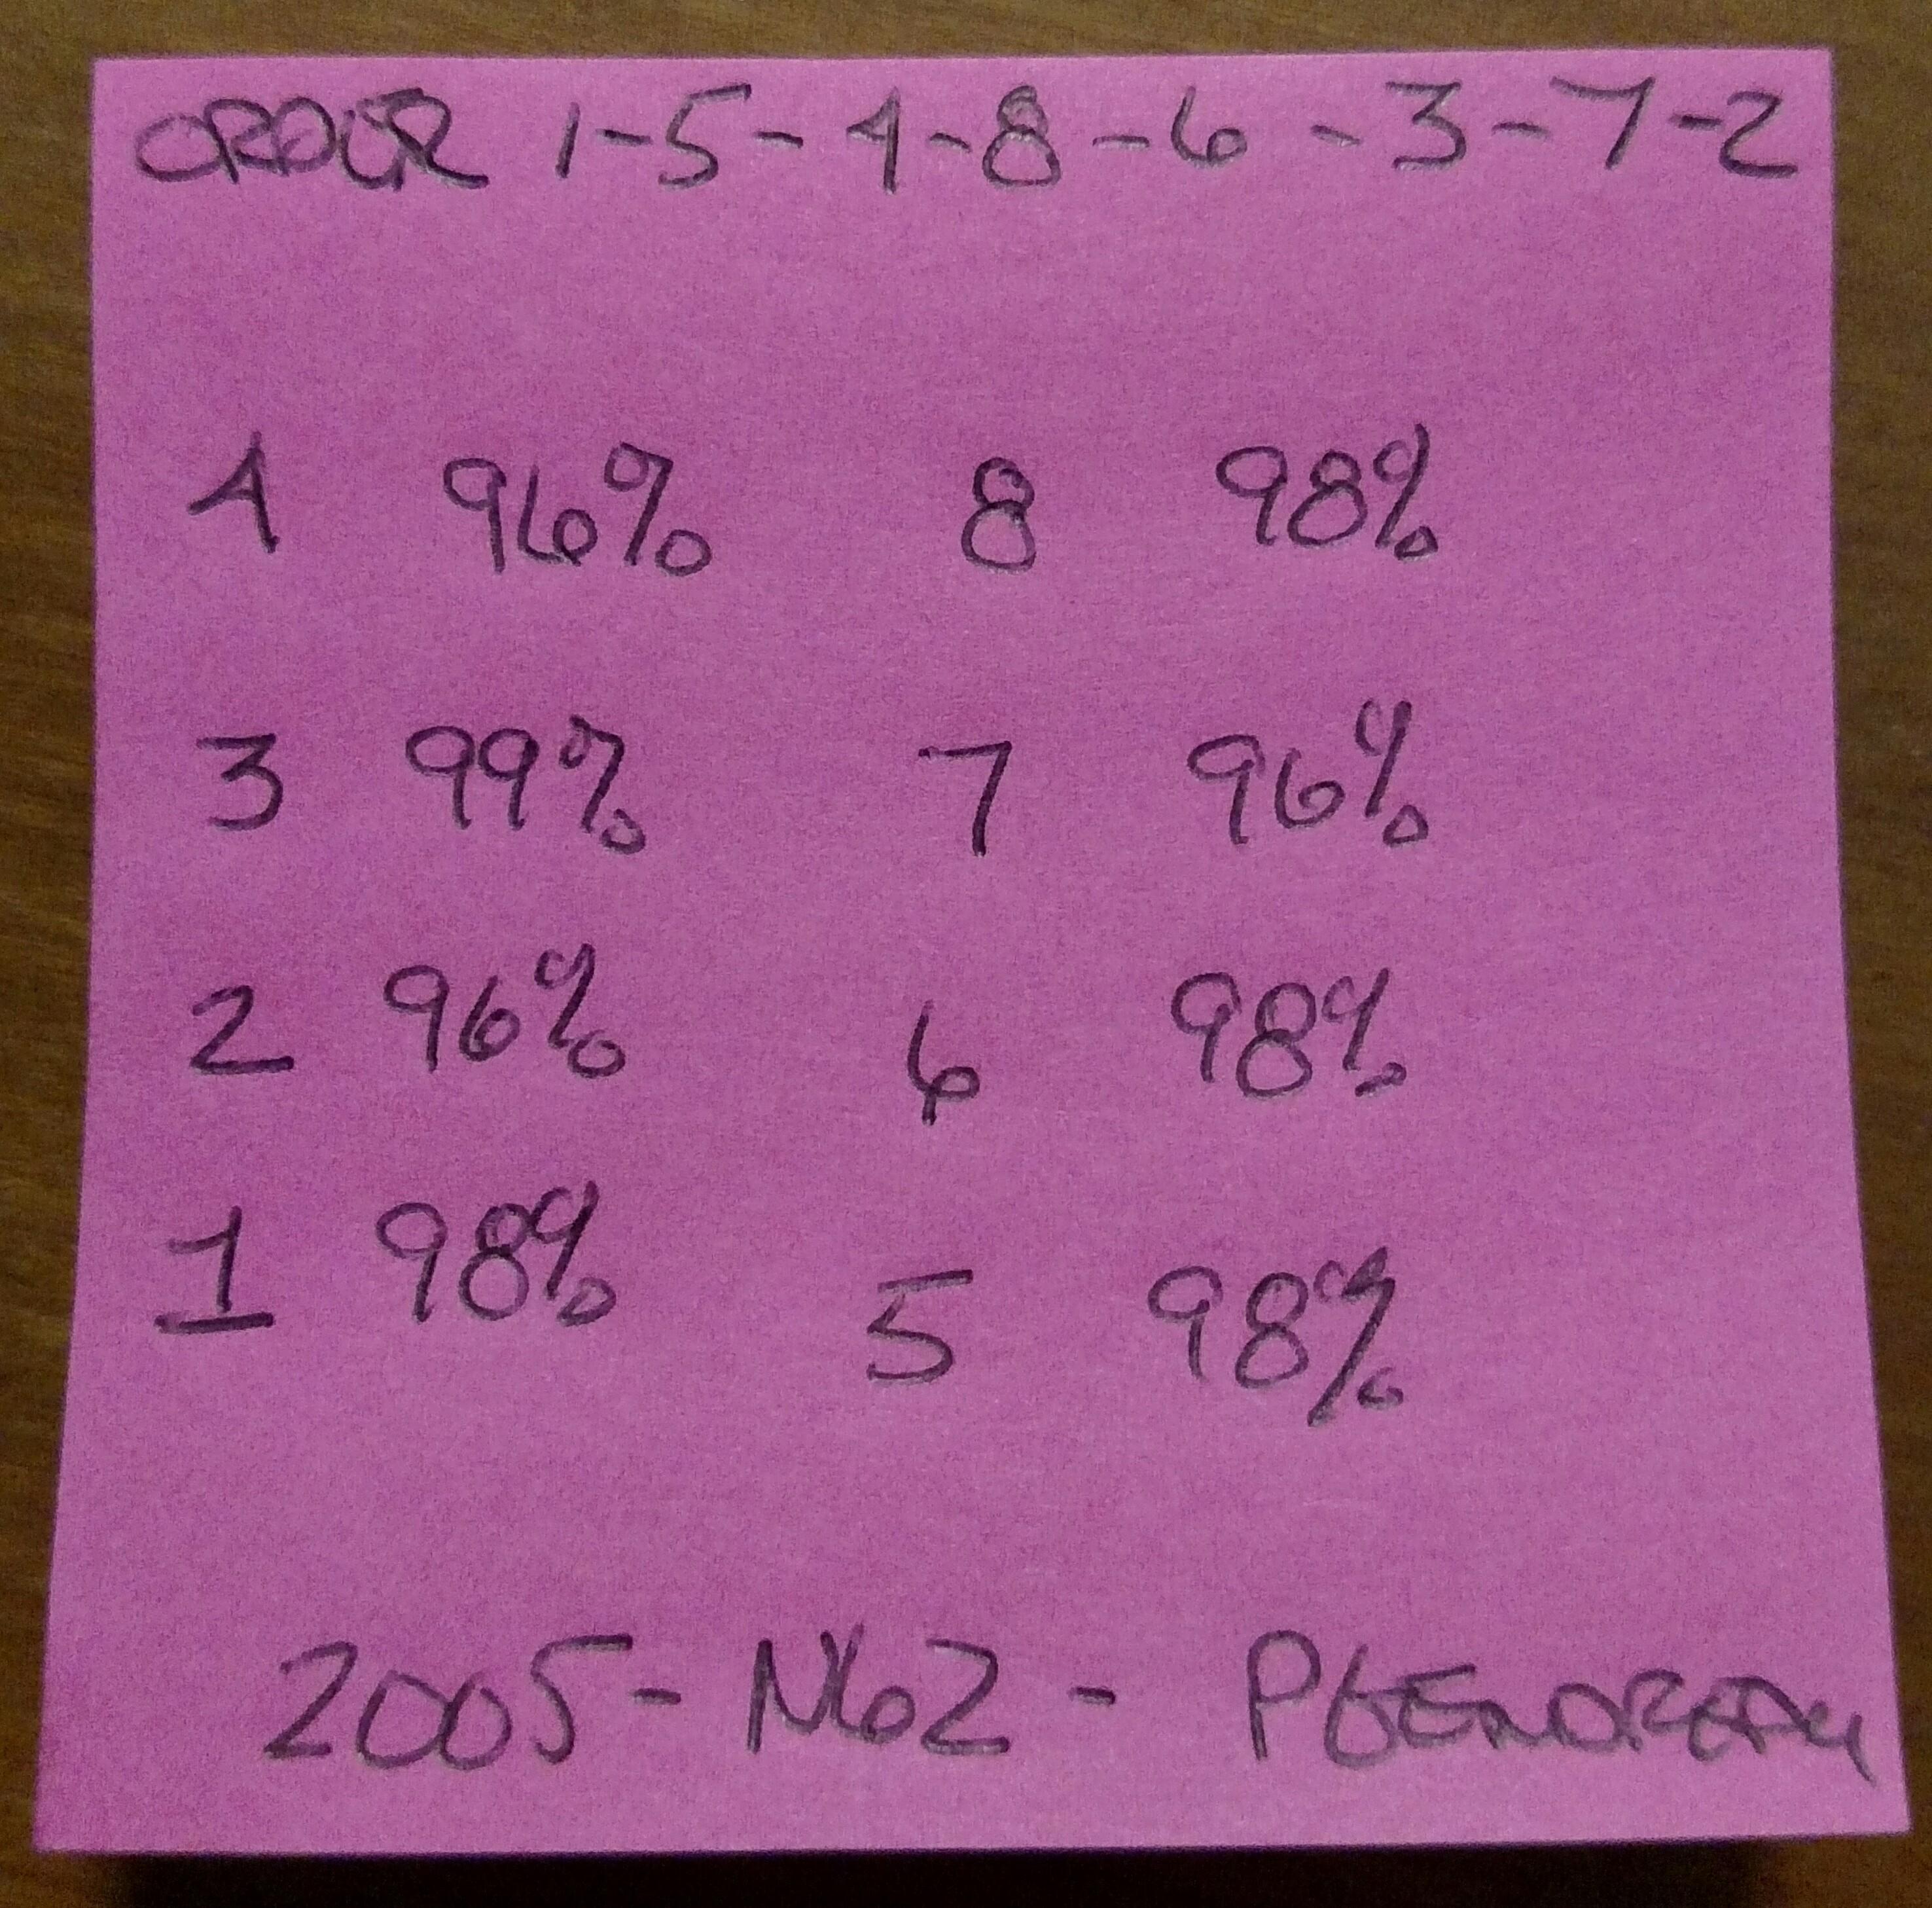 BMW 2005 N62 Leakdown Test Results.JPG